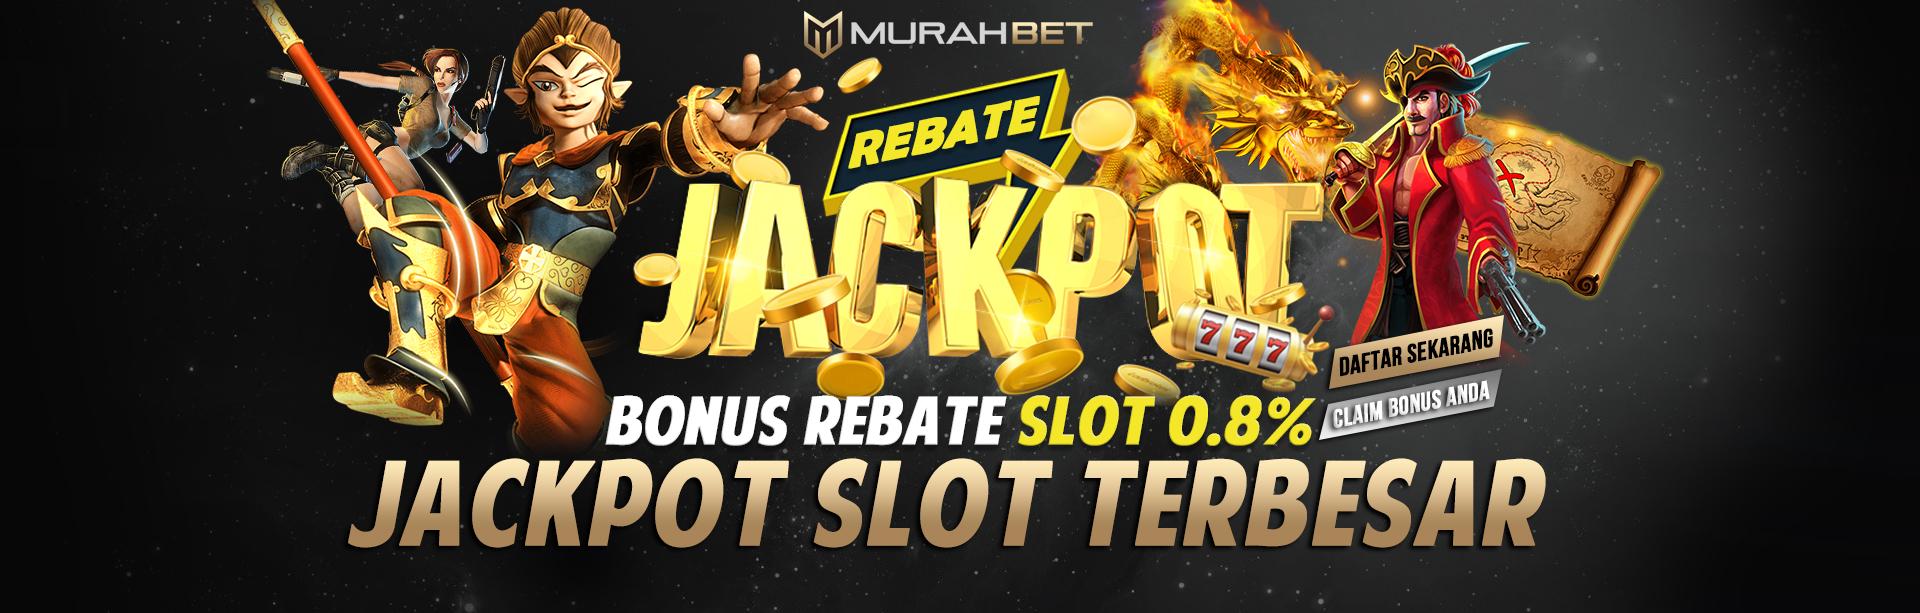 Jackpot Slot Terbesar